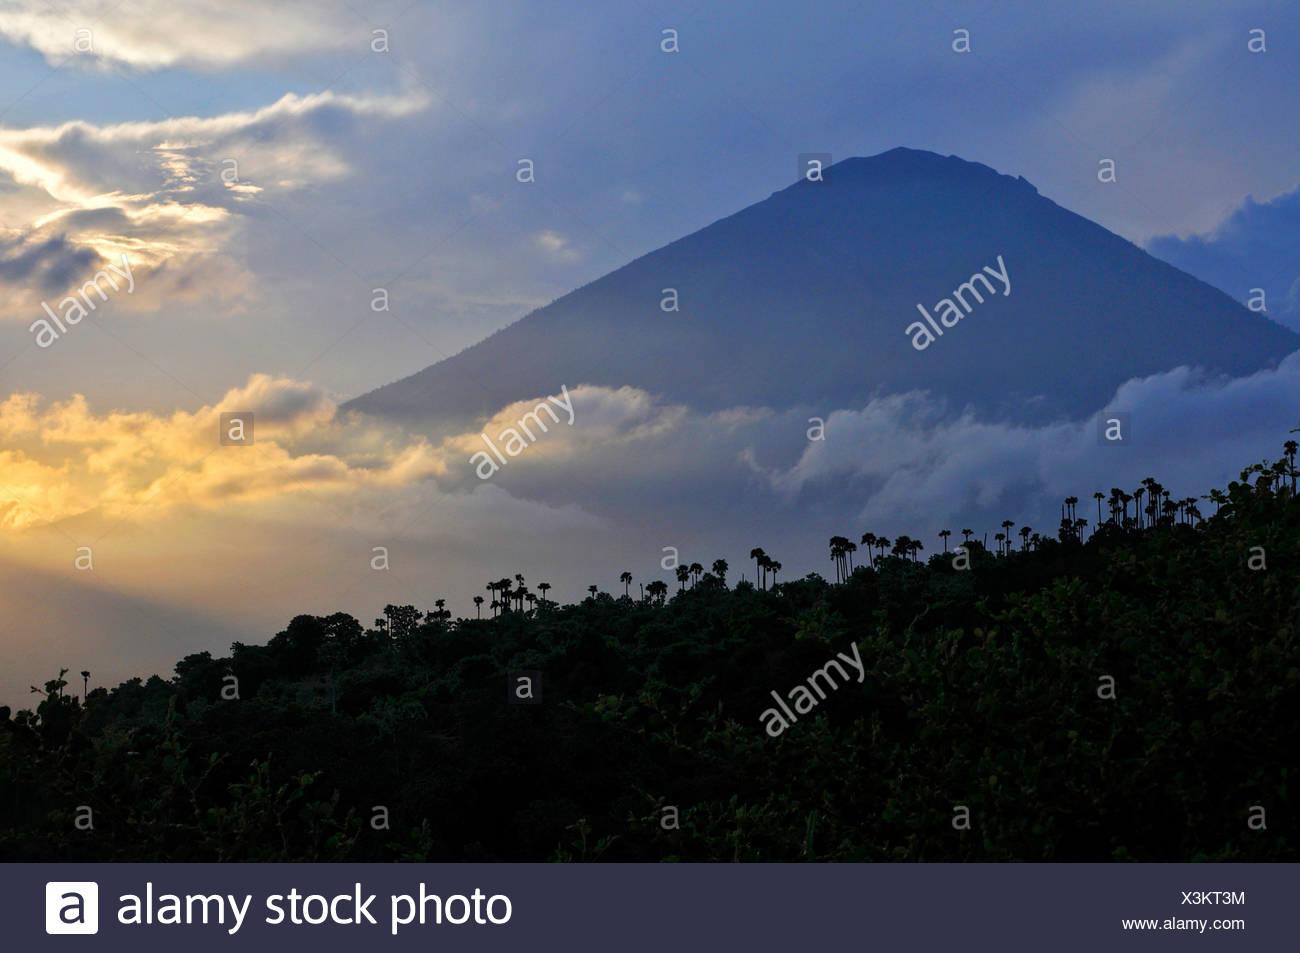 Atardecer con el Volcán Gunung Agung en Amed, Bali, Indonesia, en el sudeste de Asia Imagen De Stock